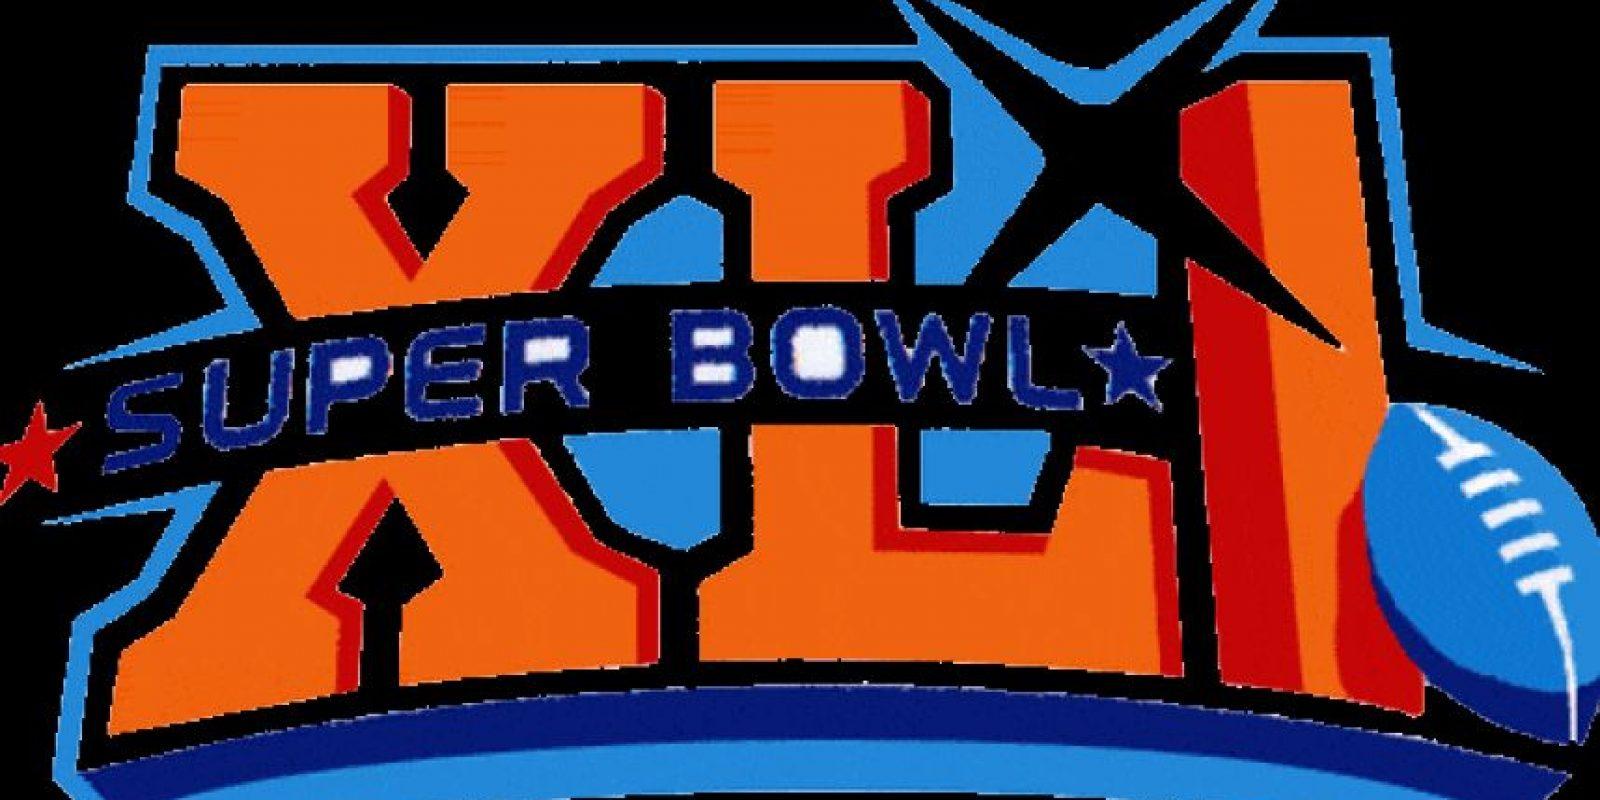 Super Bowl XLI Foto:Twitter